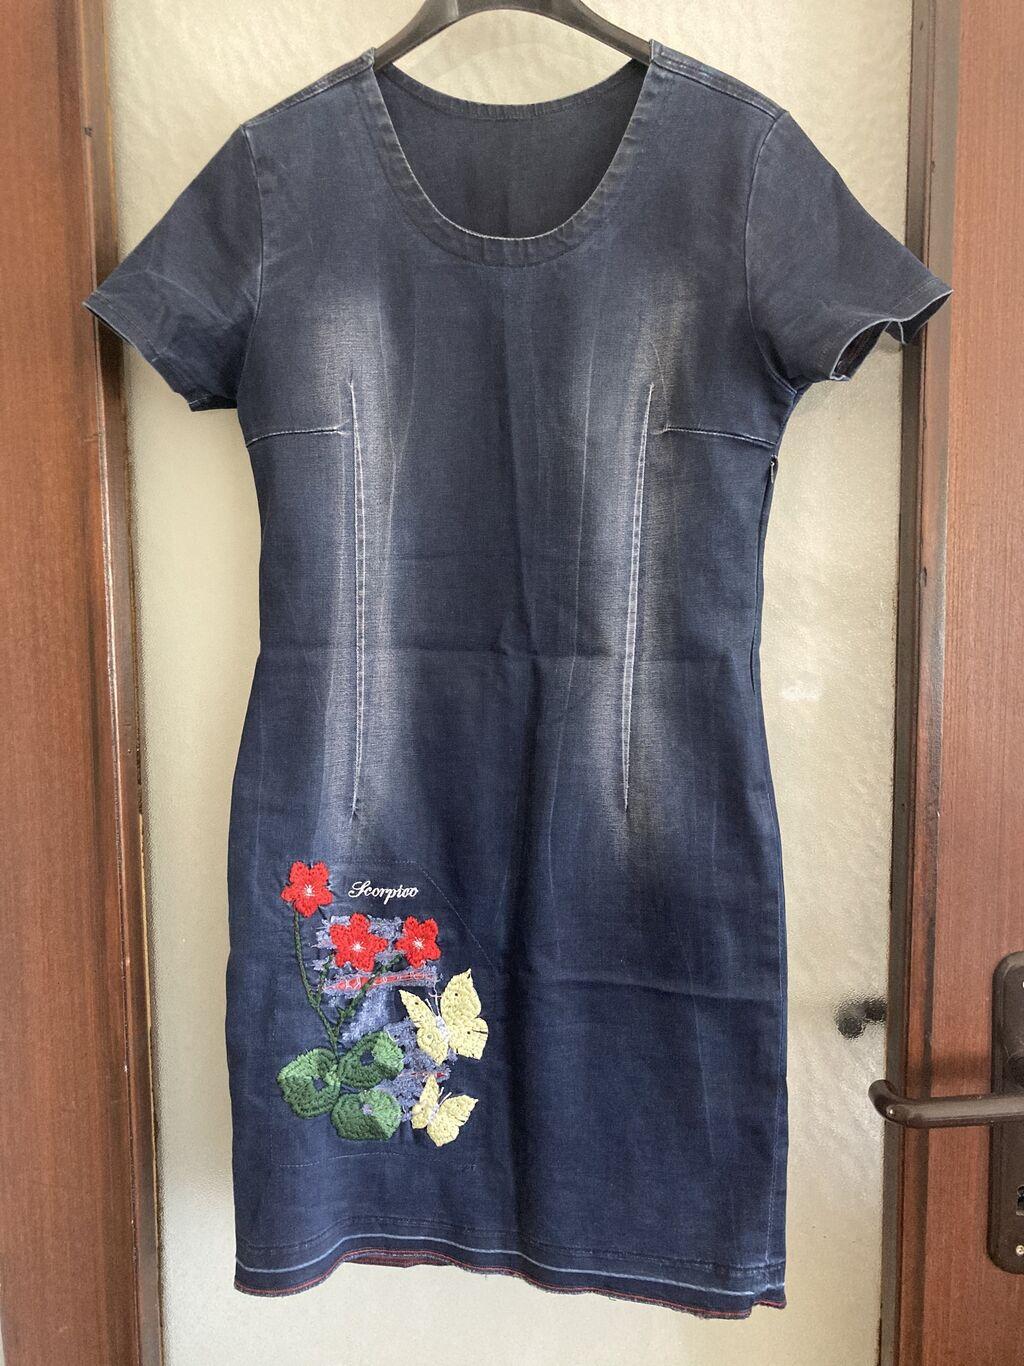 Prelepa teksas haljinica, naznacena vel. L ali vise odgovara za: Prelepa teksas haljinica, naznacena vel. L ali vise  odgovara za